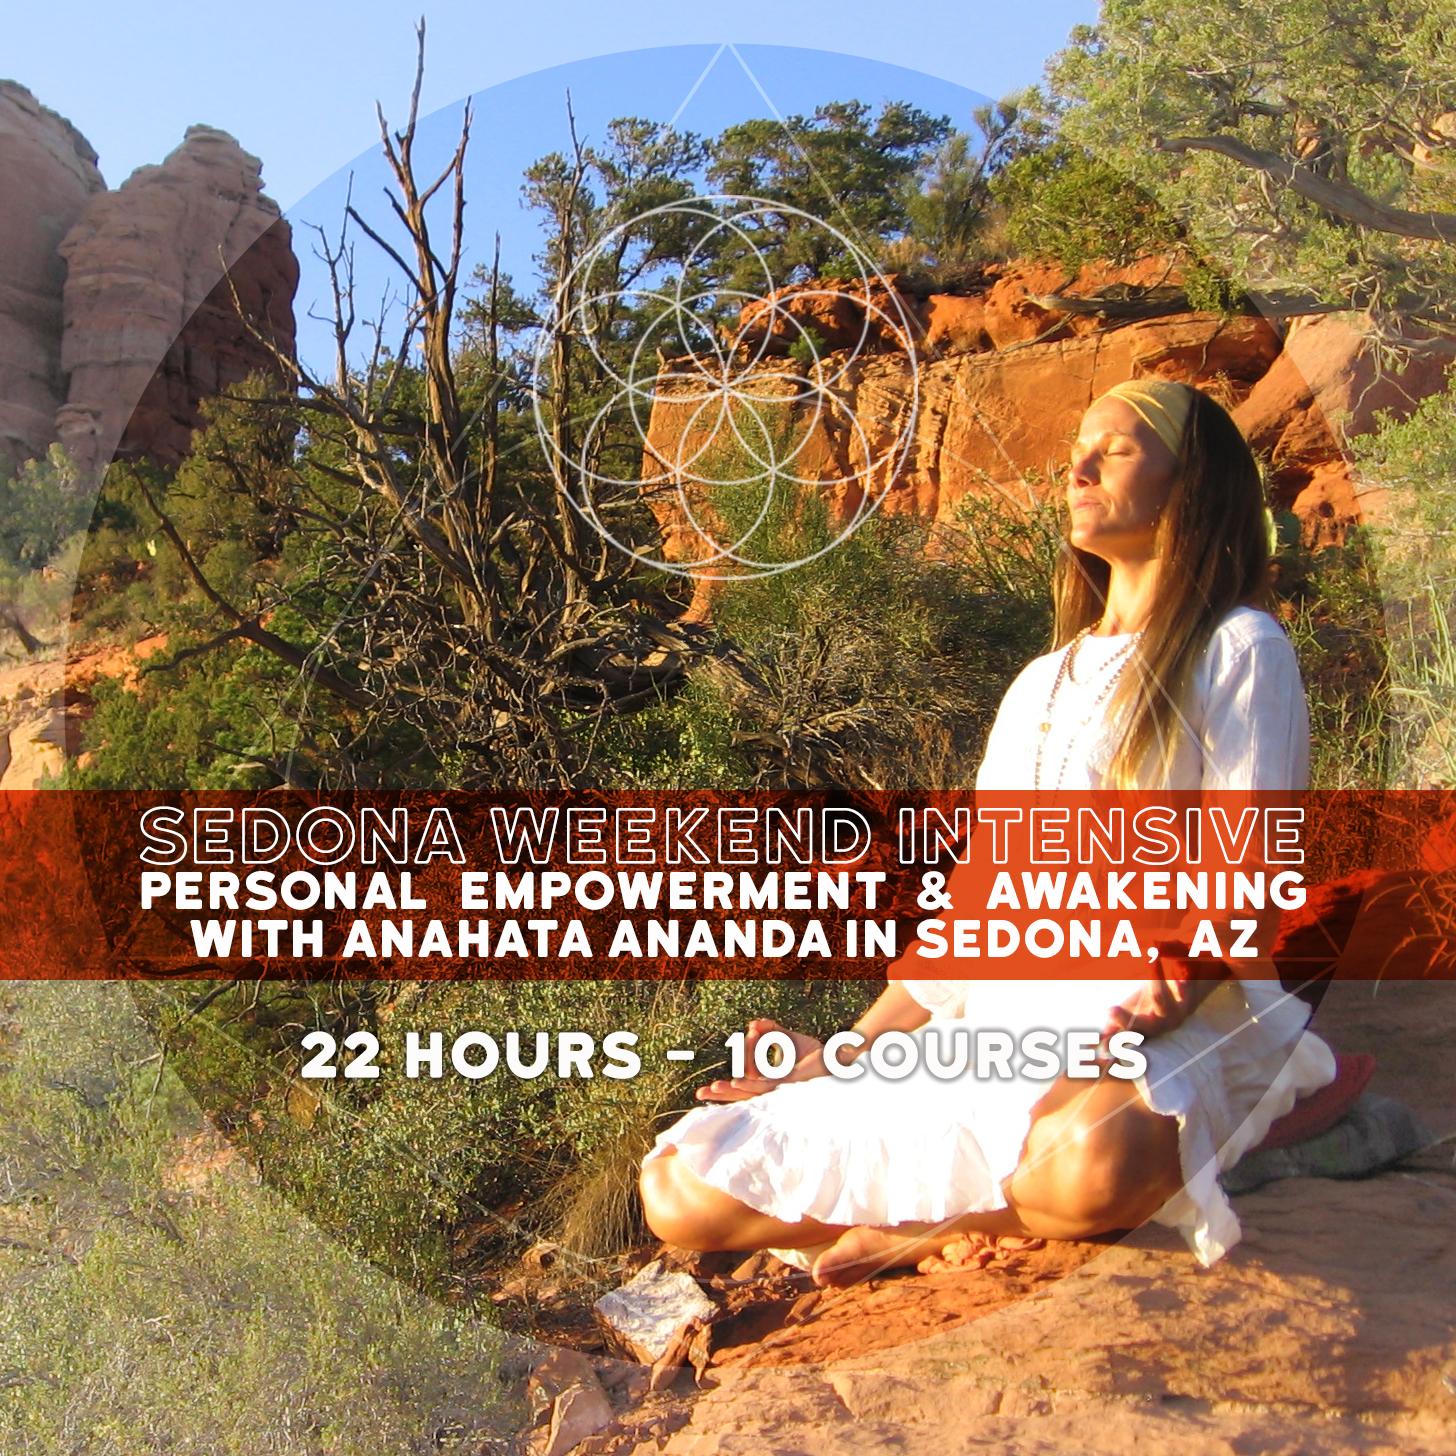 Personal Empowerment Awakening